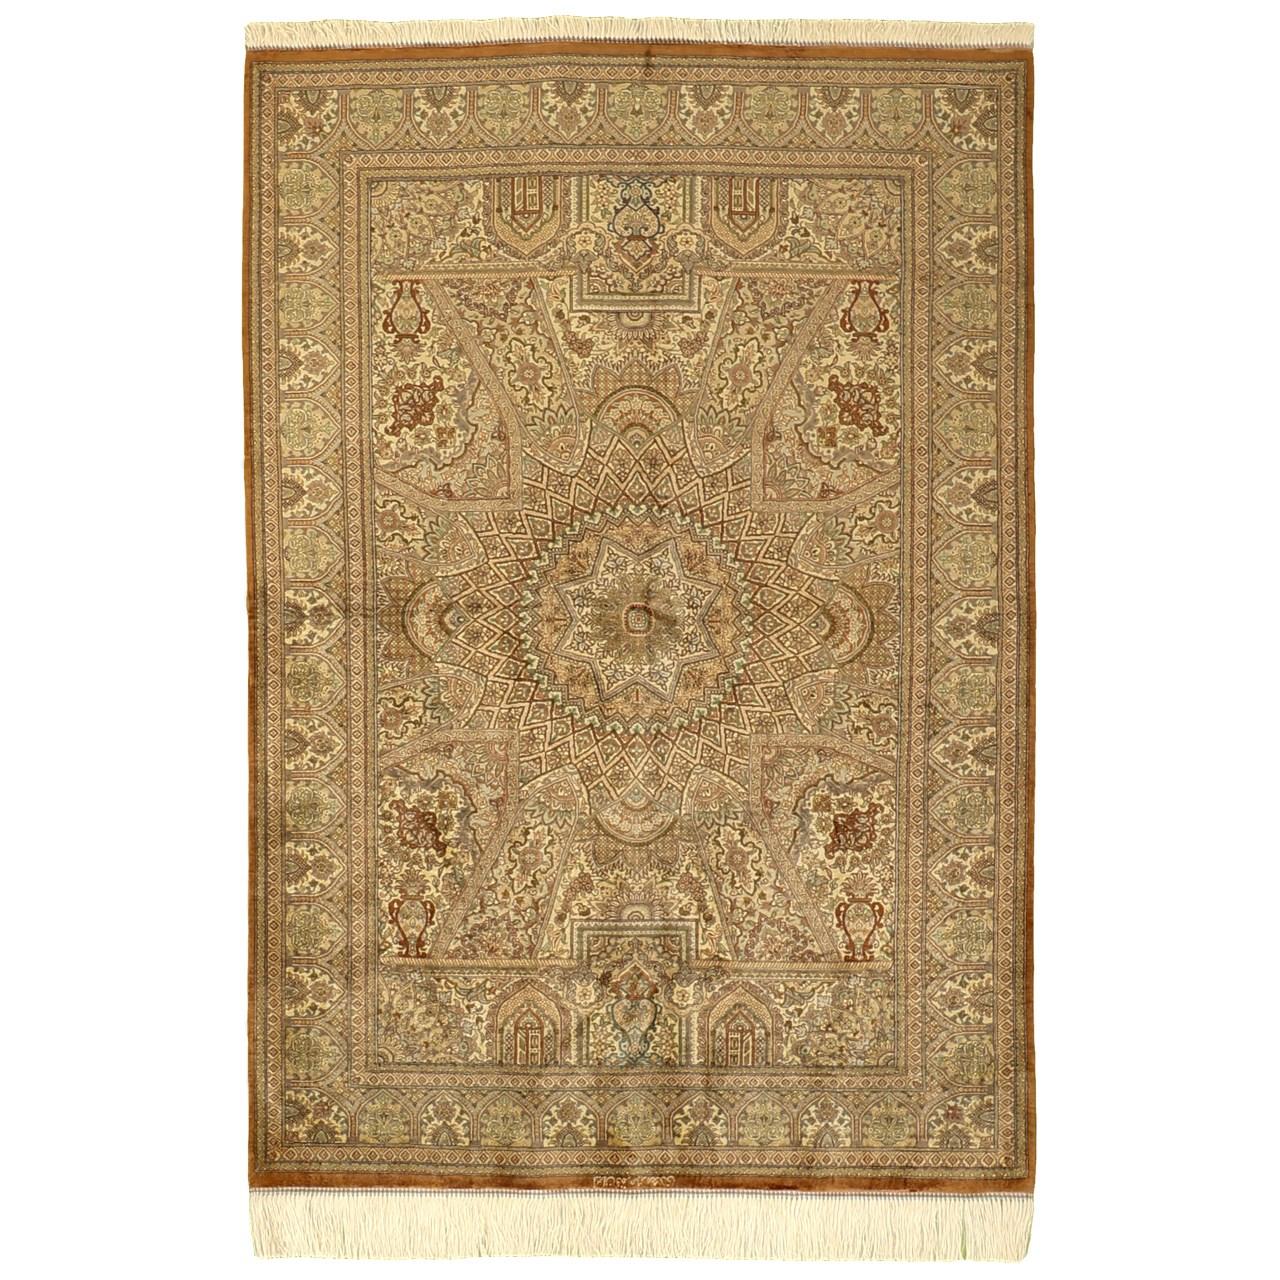 فرش دستبافت تمام ابریشم یک و نیم متری گالری مدرن کد 30001